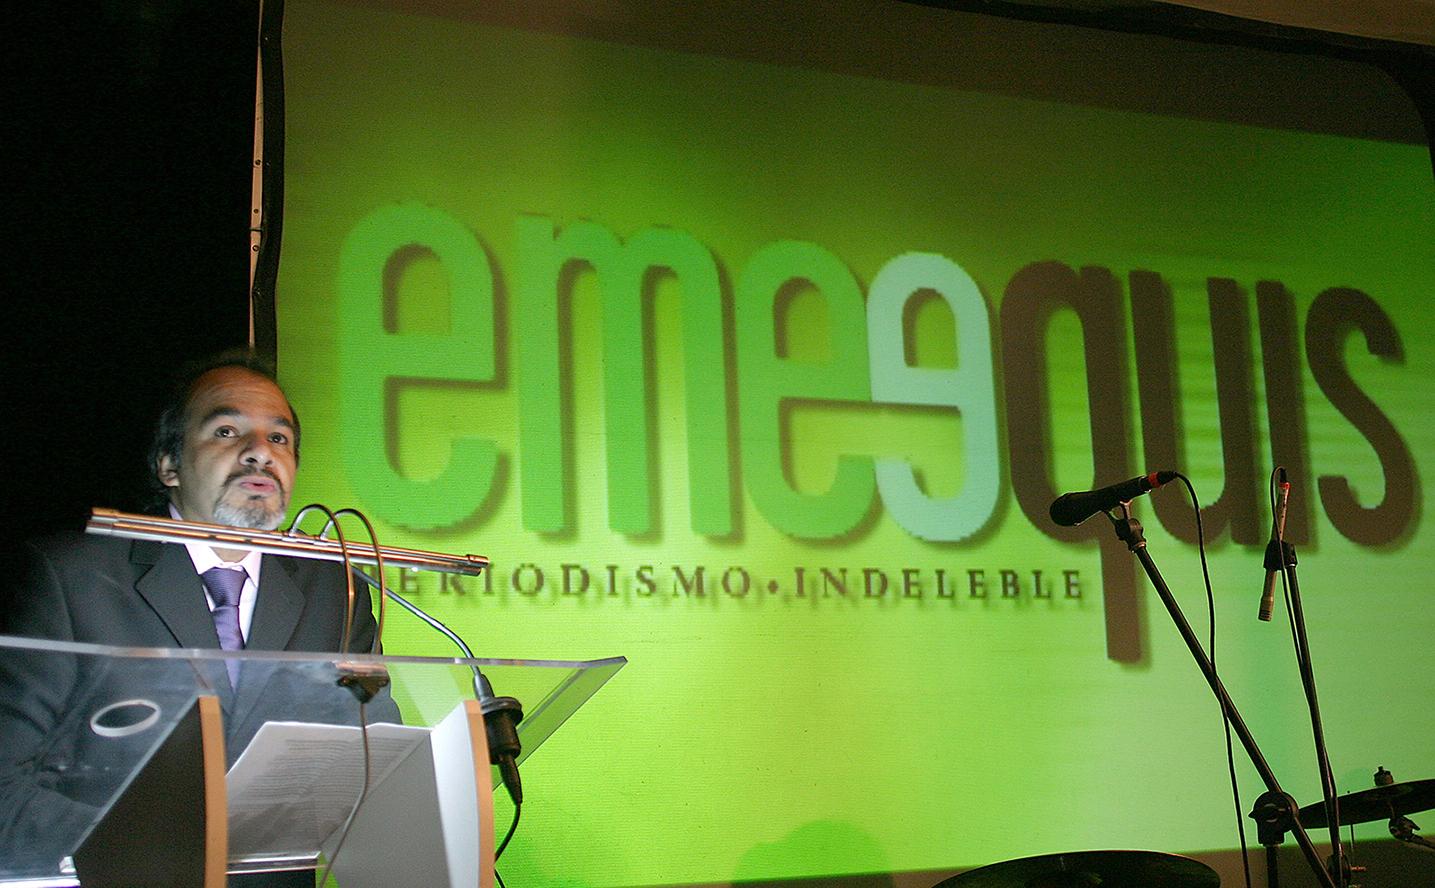 Ignacio Rodríguez Reyna, director de la revista Emeequis, durante una conferencia.